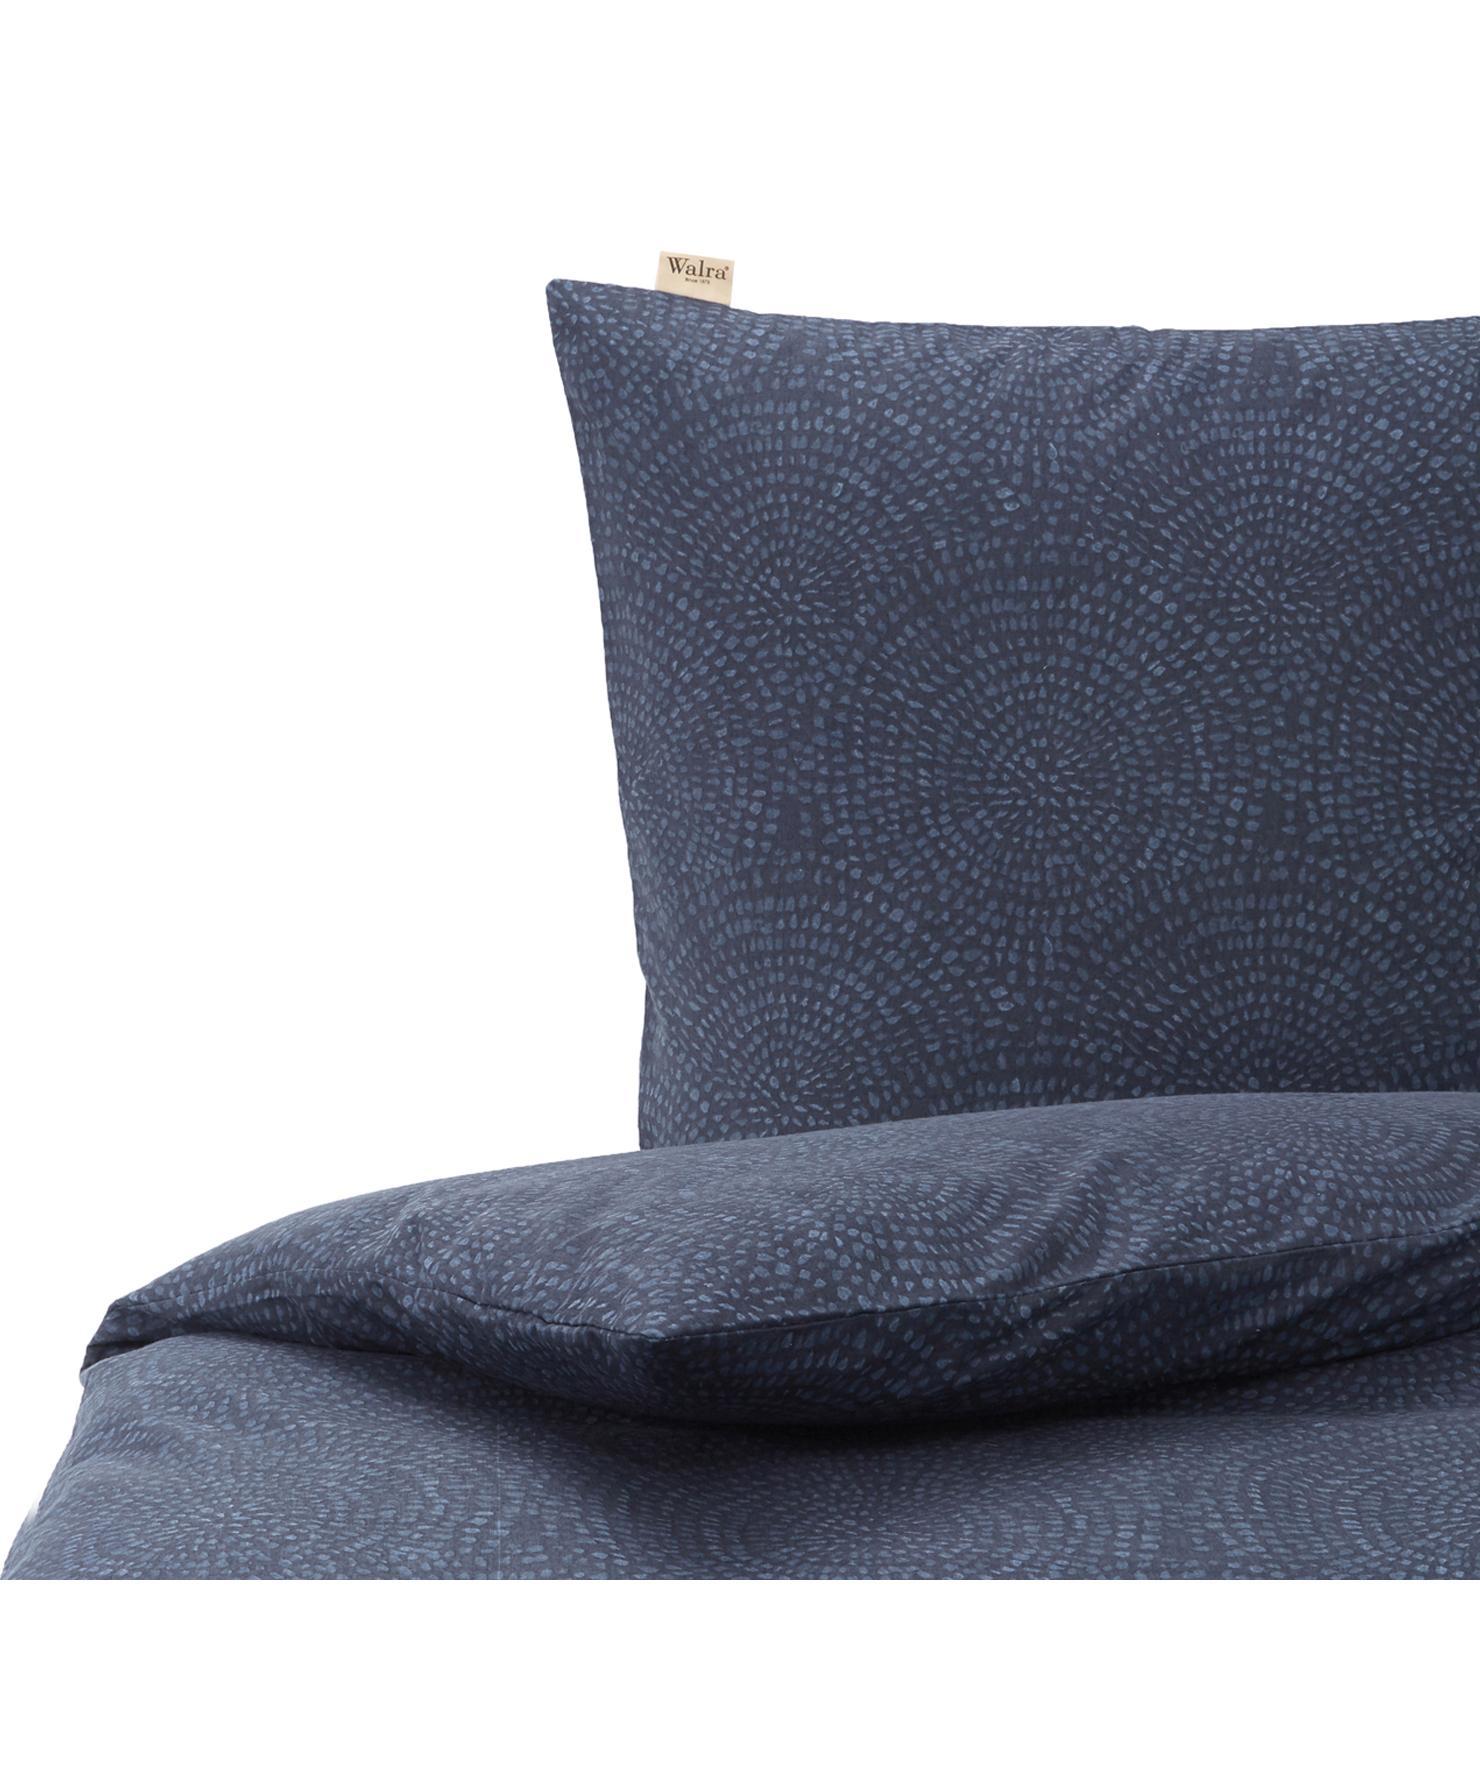 Flanell-Bettwäsche Winter Curves, Webart: Flanell Flanell ist ein s, Dunkelblau, Blau, 135 x 200 cm + 1 Kissen 80 x 80 cm